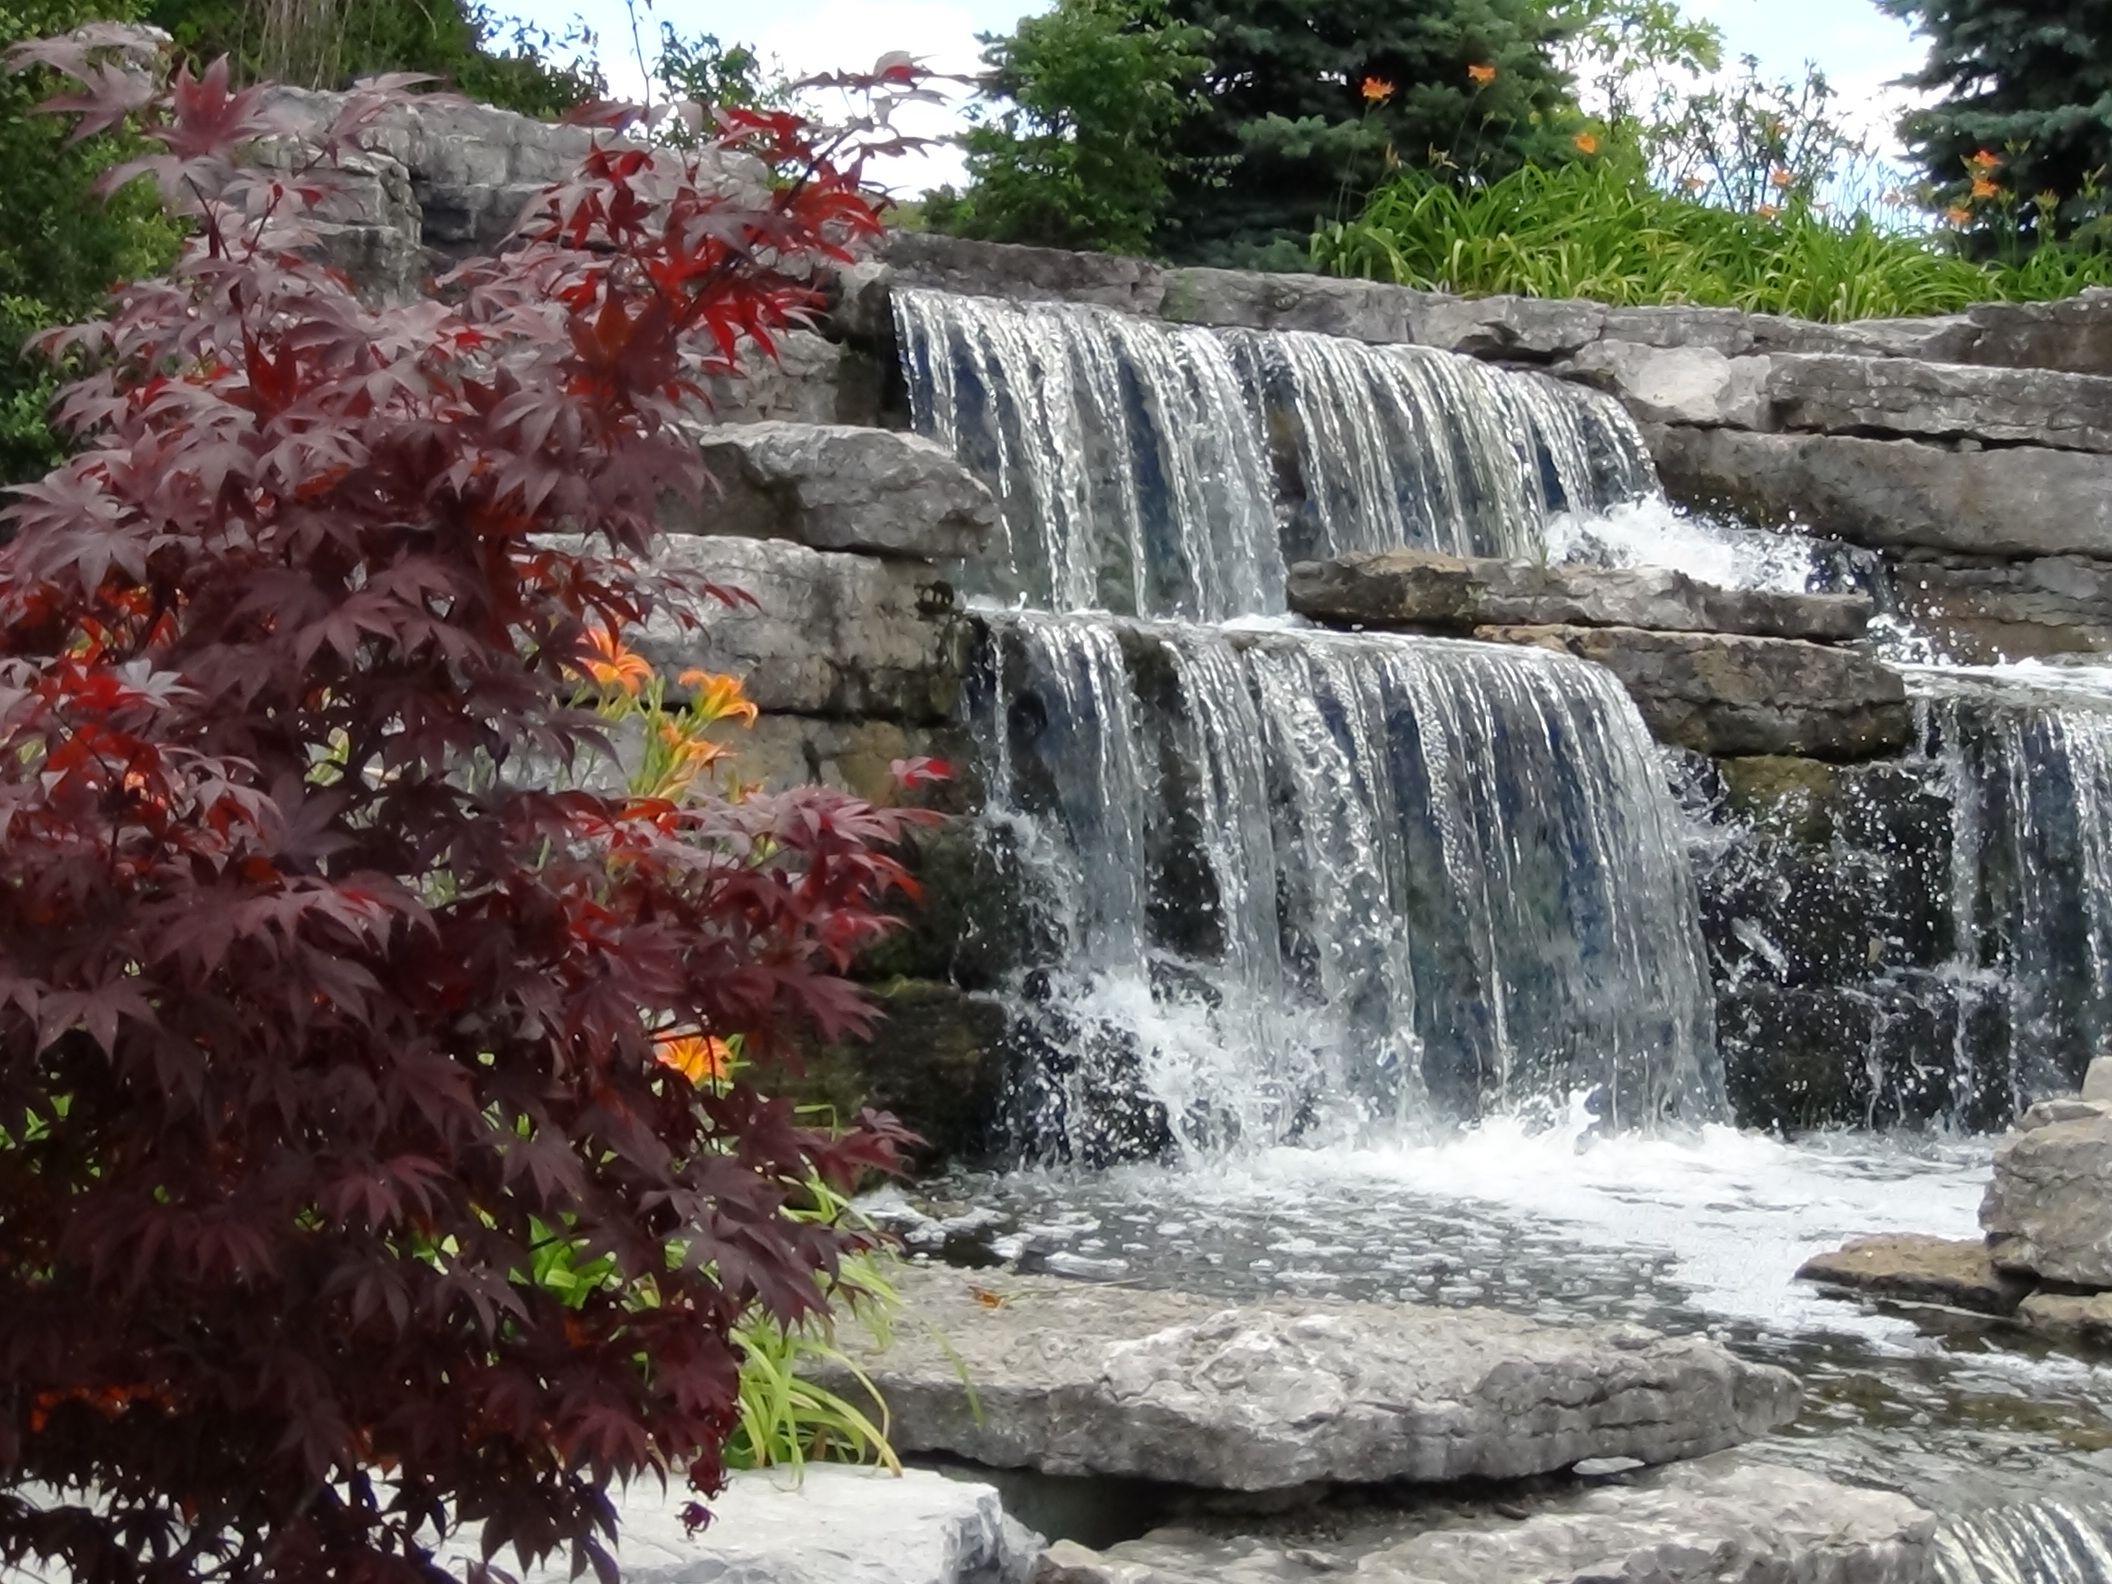 Waterfall garden at Richmond Green gardens in Richmond